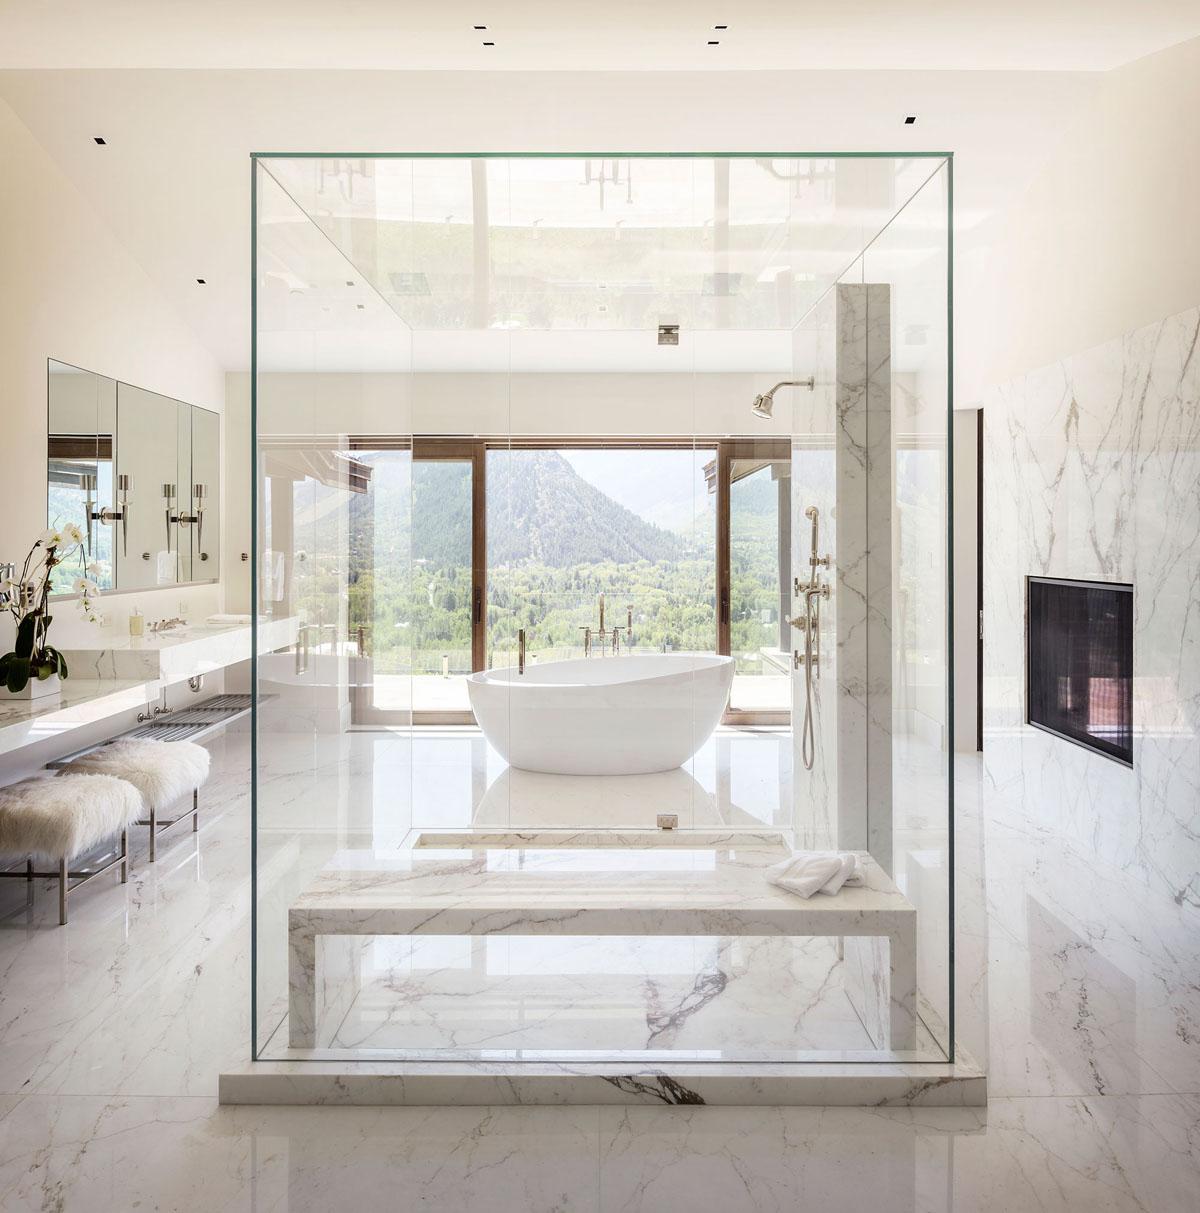 Luxury Dream Bathroom Design